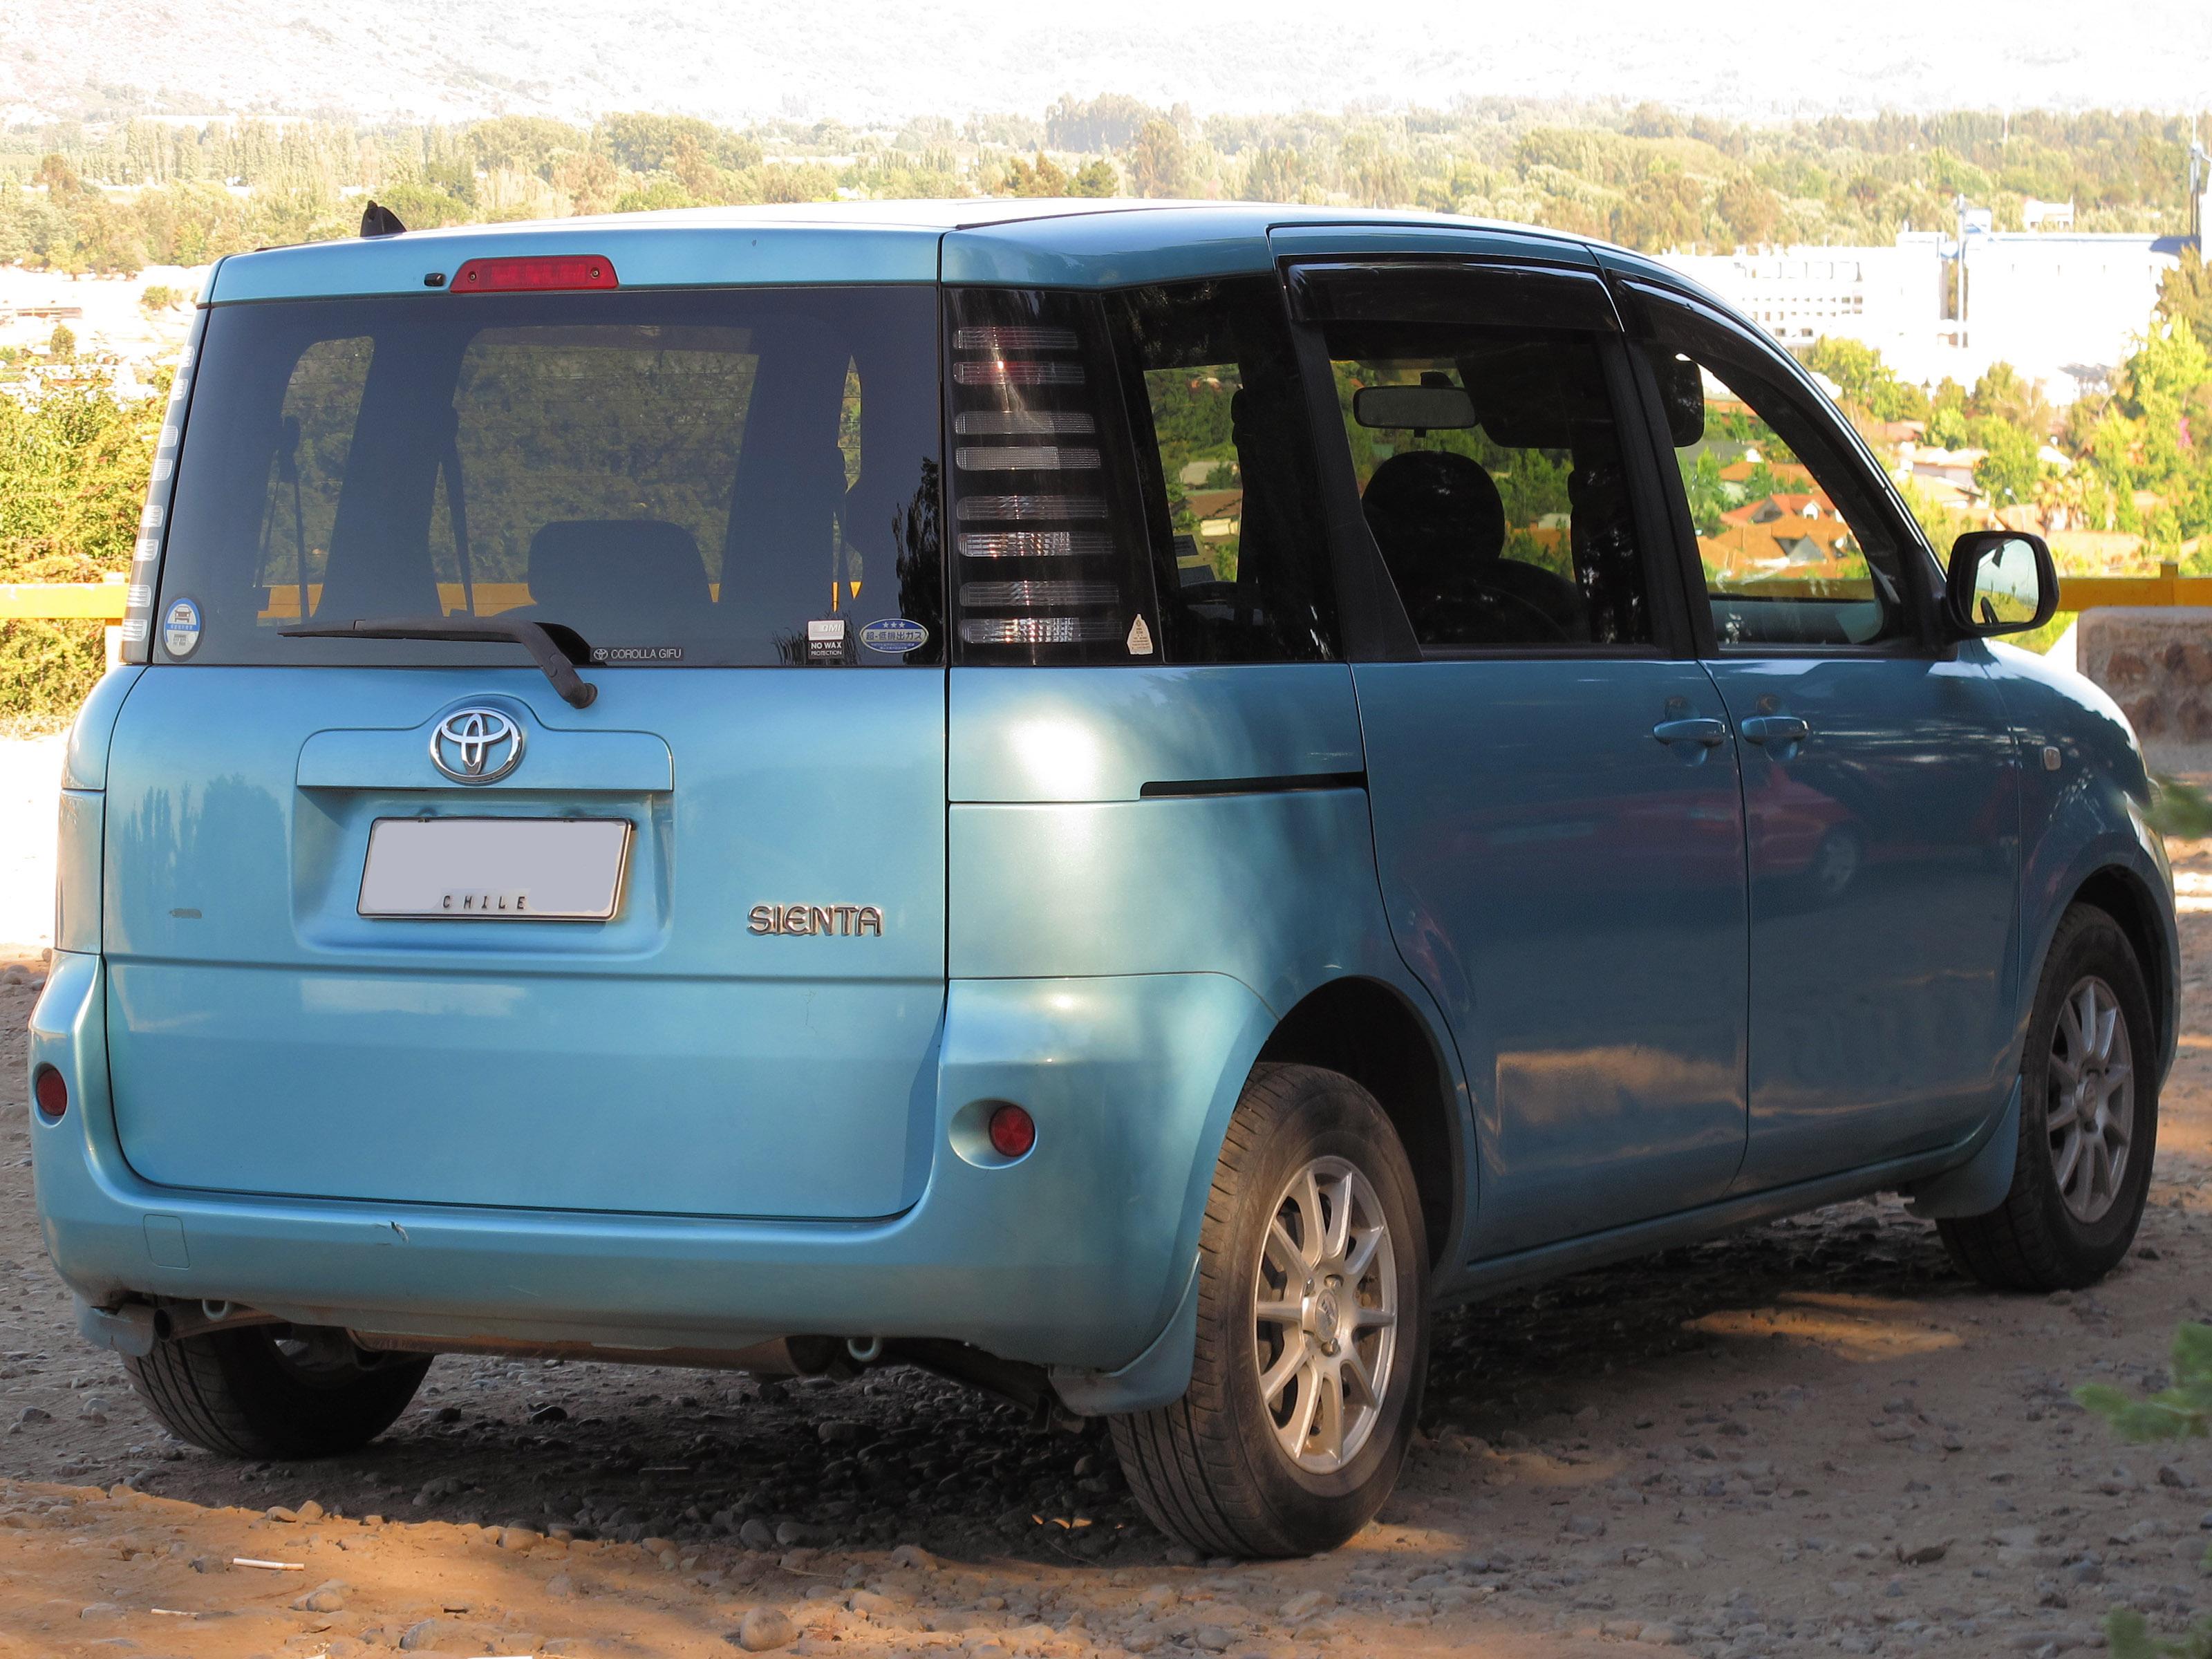 Toyota Sienta Wikipedia Fuse Box Avensis 2007 2003 2006